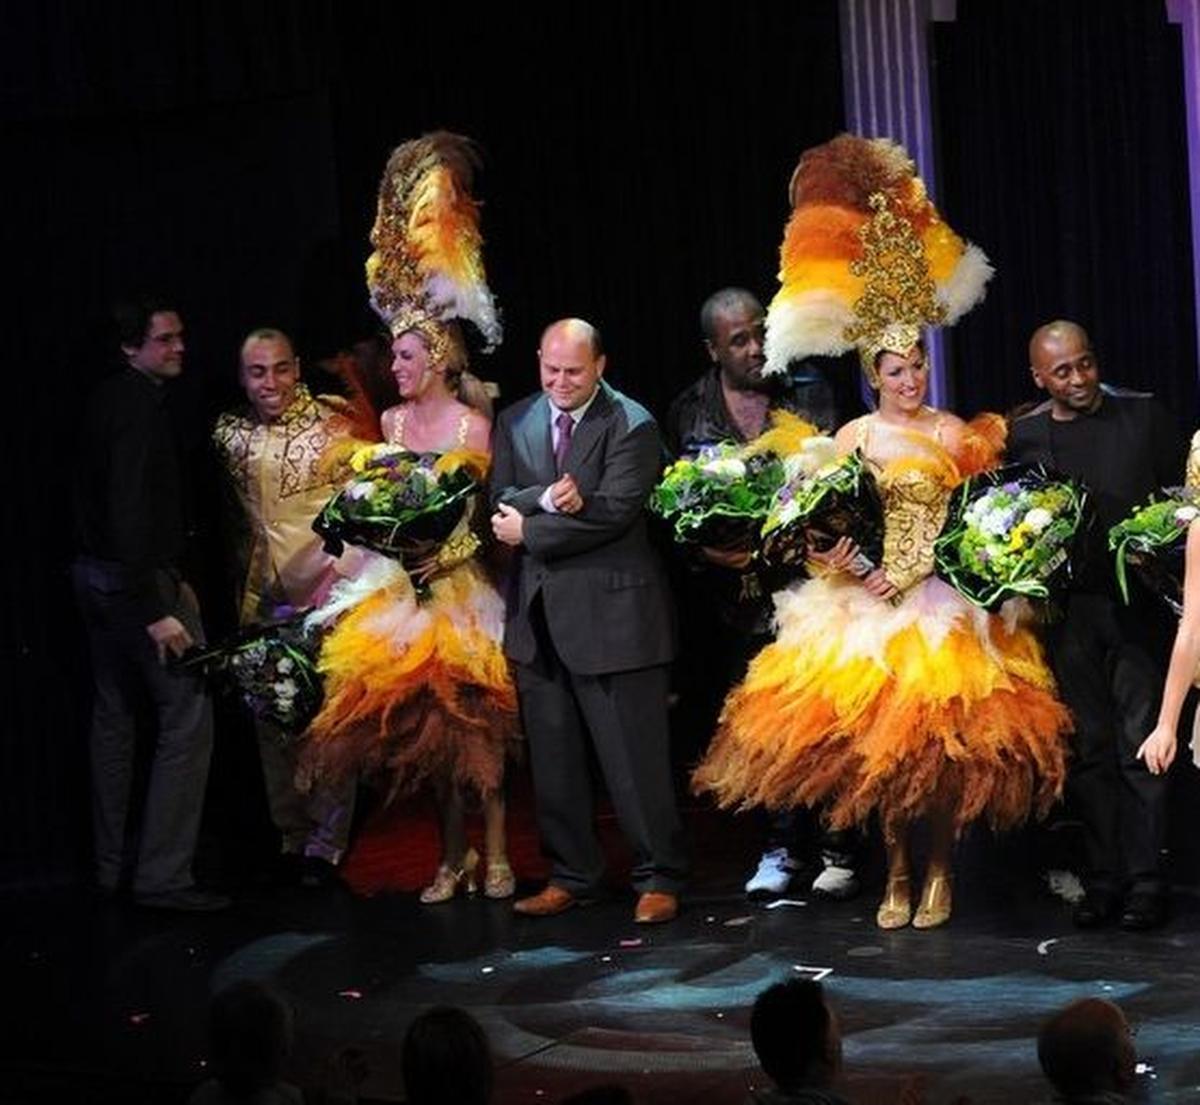 Ben Van den Keybus tussen The Gibson Brothers tijdens de show in 2011.